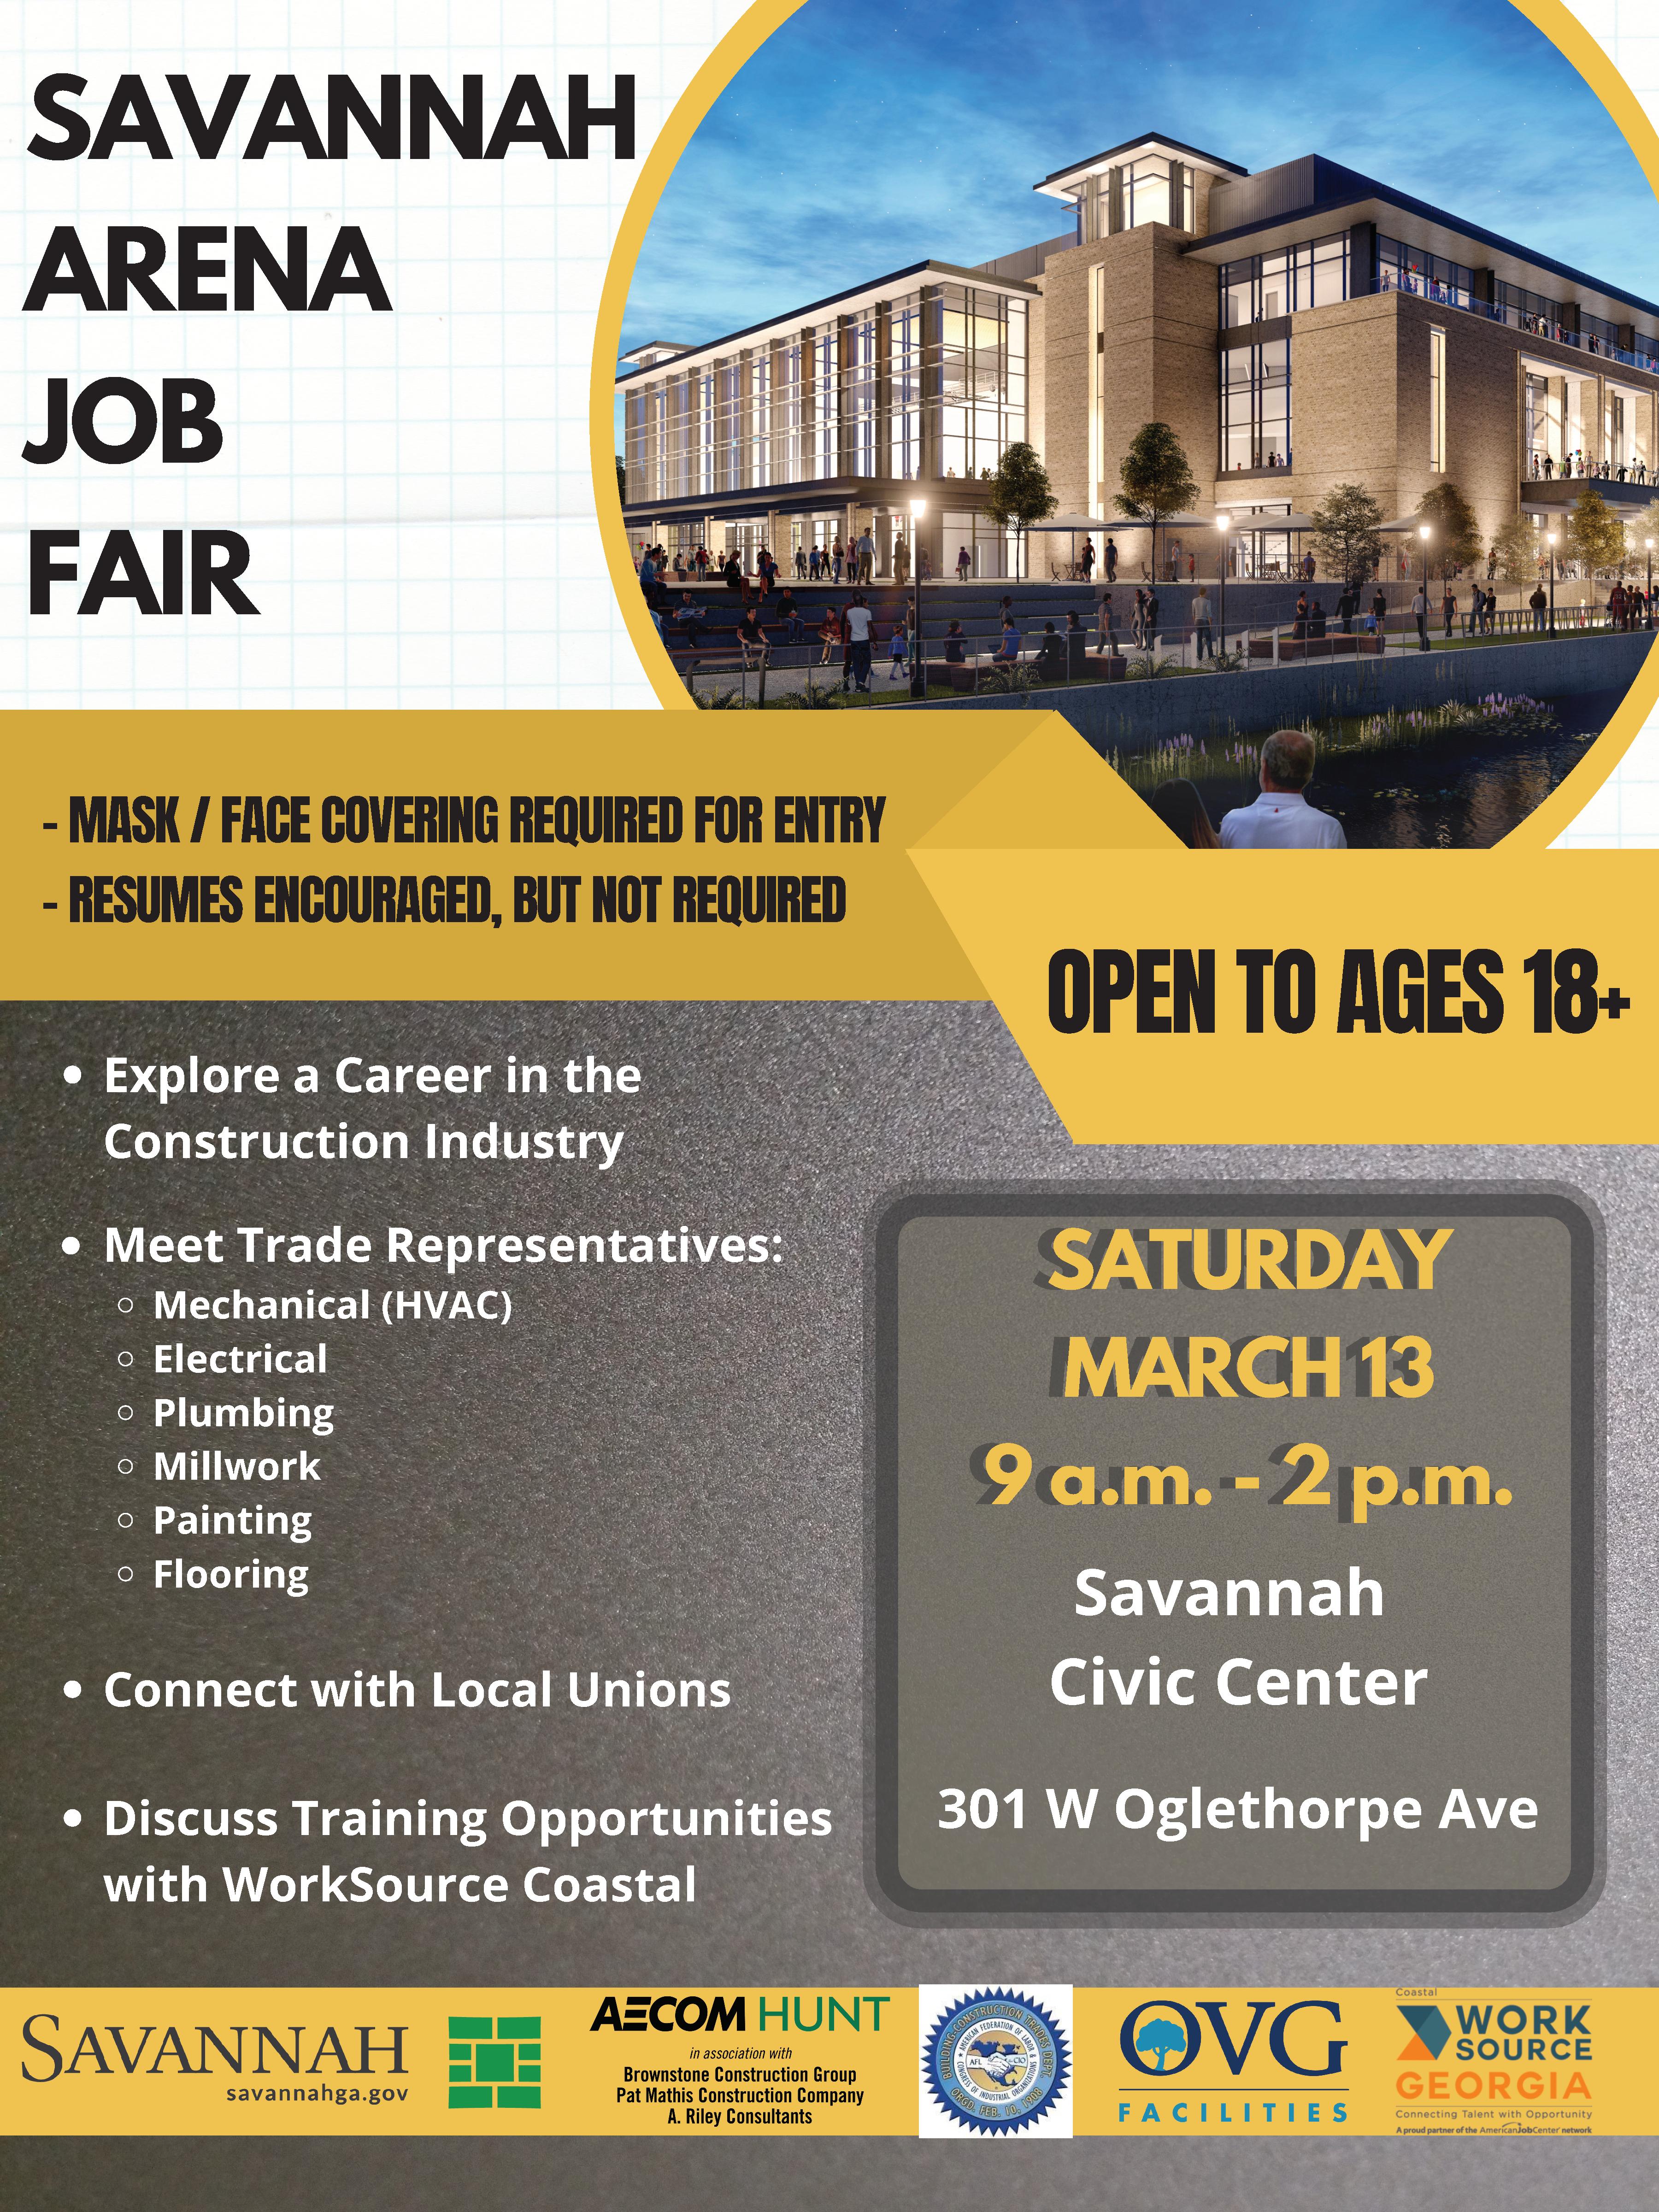 Savannah Arena Job Fair – March 13, 2021